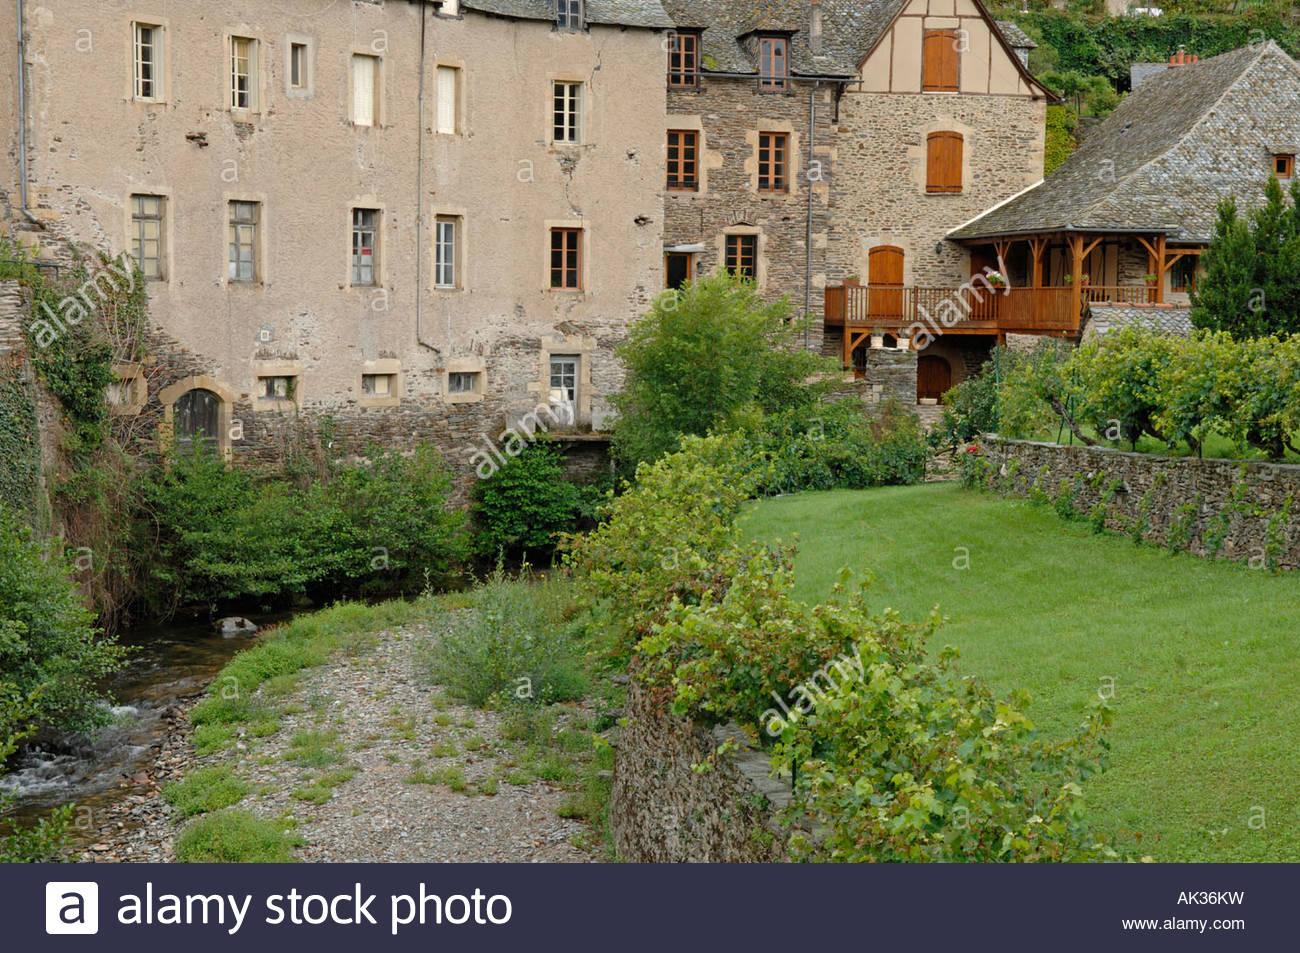 Estaing En Aveyron 12 Departement De La France L'un Des Les tout Departement 12 En France